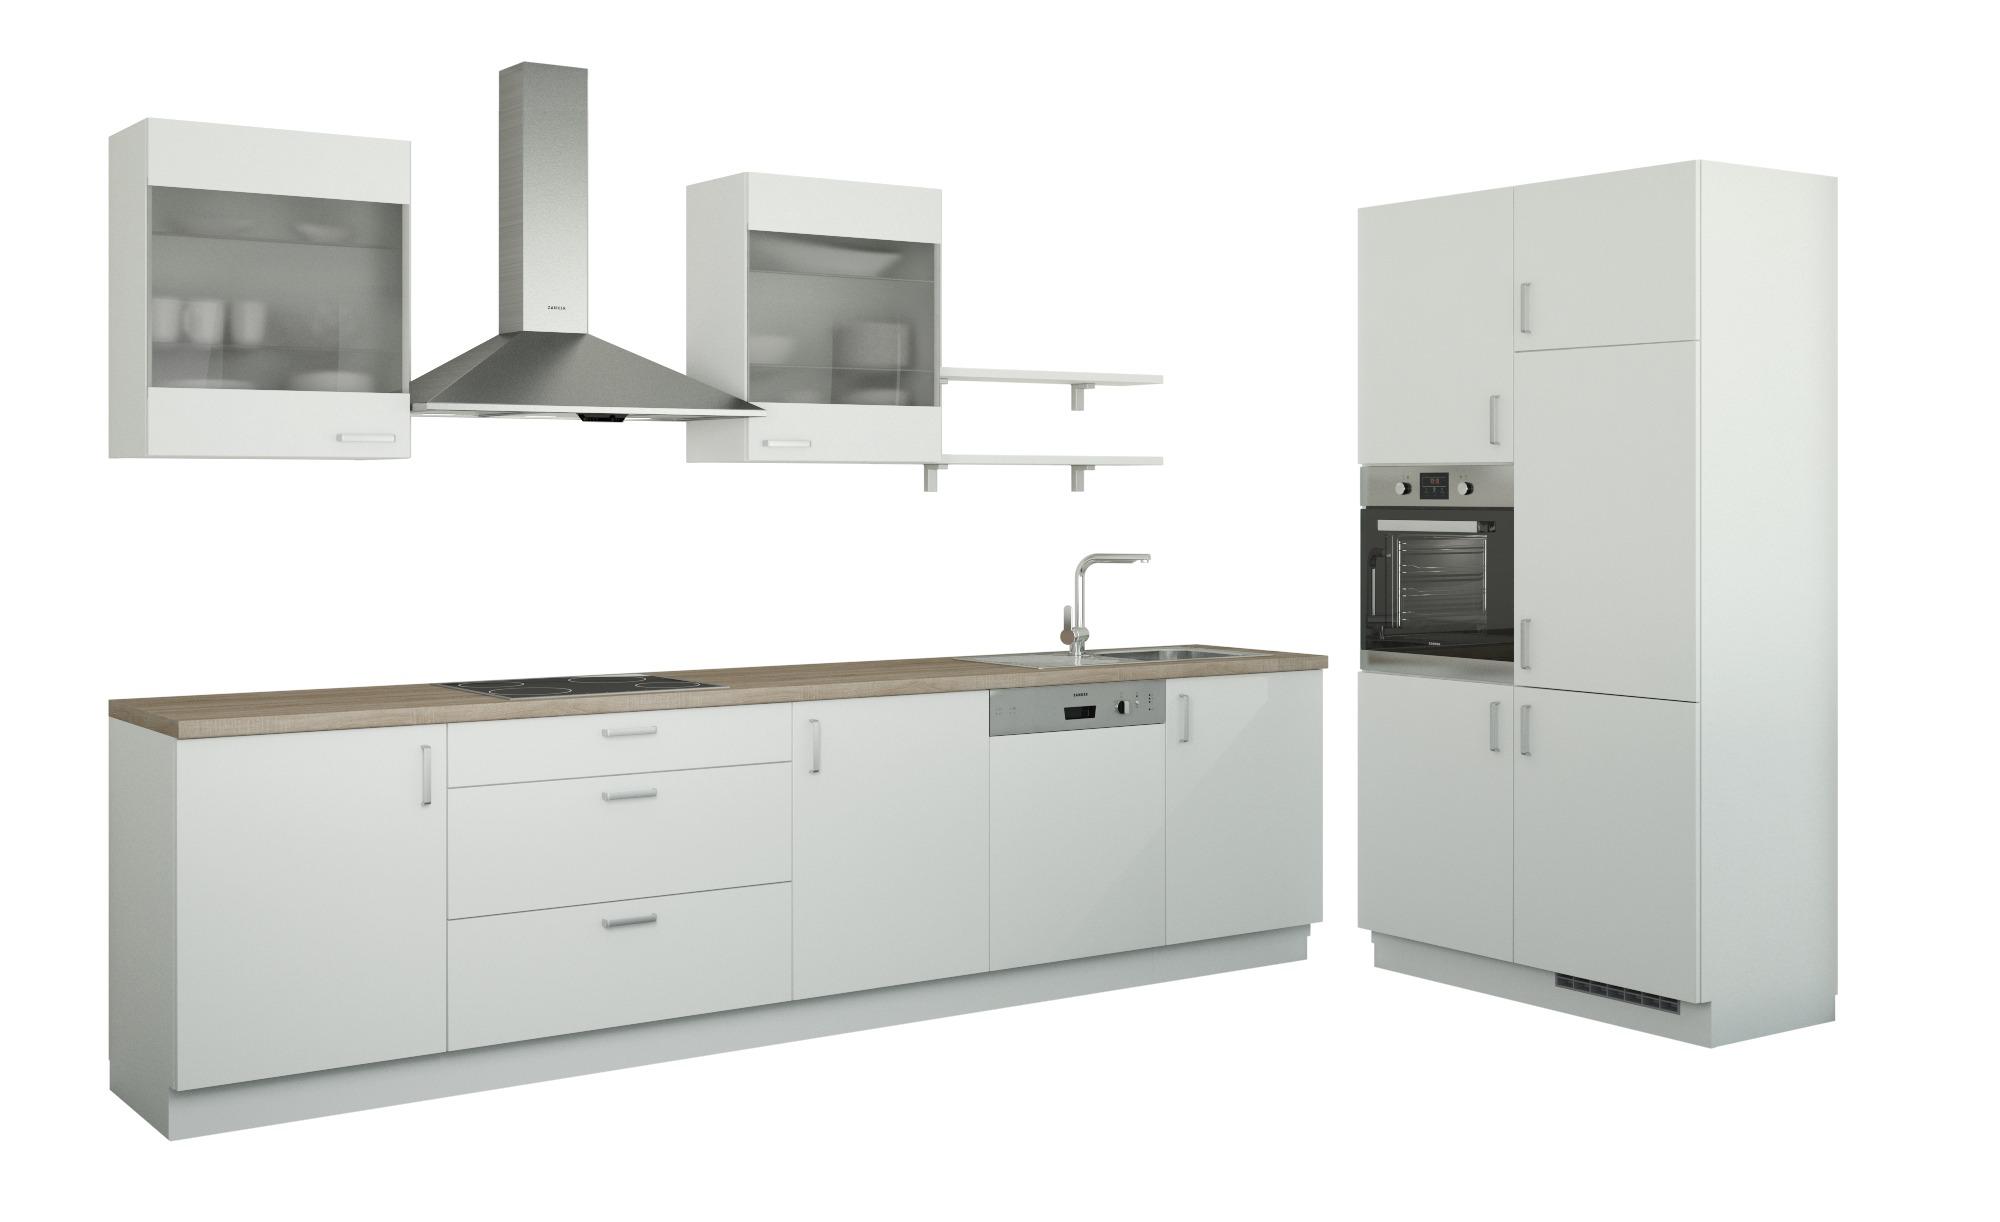 Küchenzeile ohne Elektrogeräte  Frankfurt ¦ weiß Küchen > Küchenblöcke - Höffner | Küche und Esszimmer > Küchen | Möbel Höffner DE